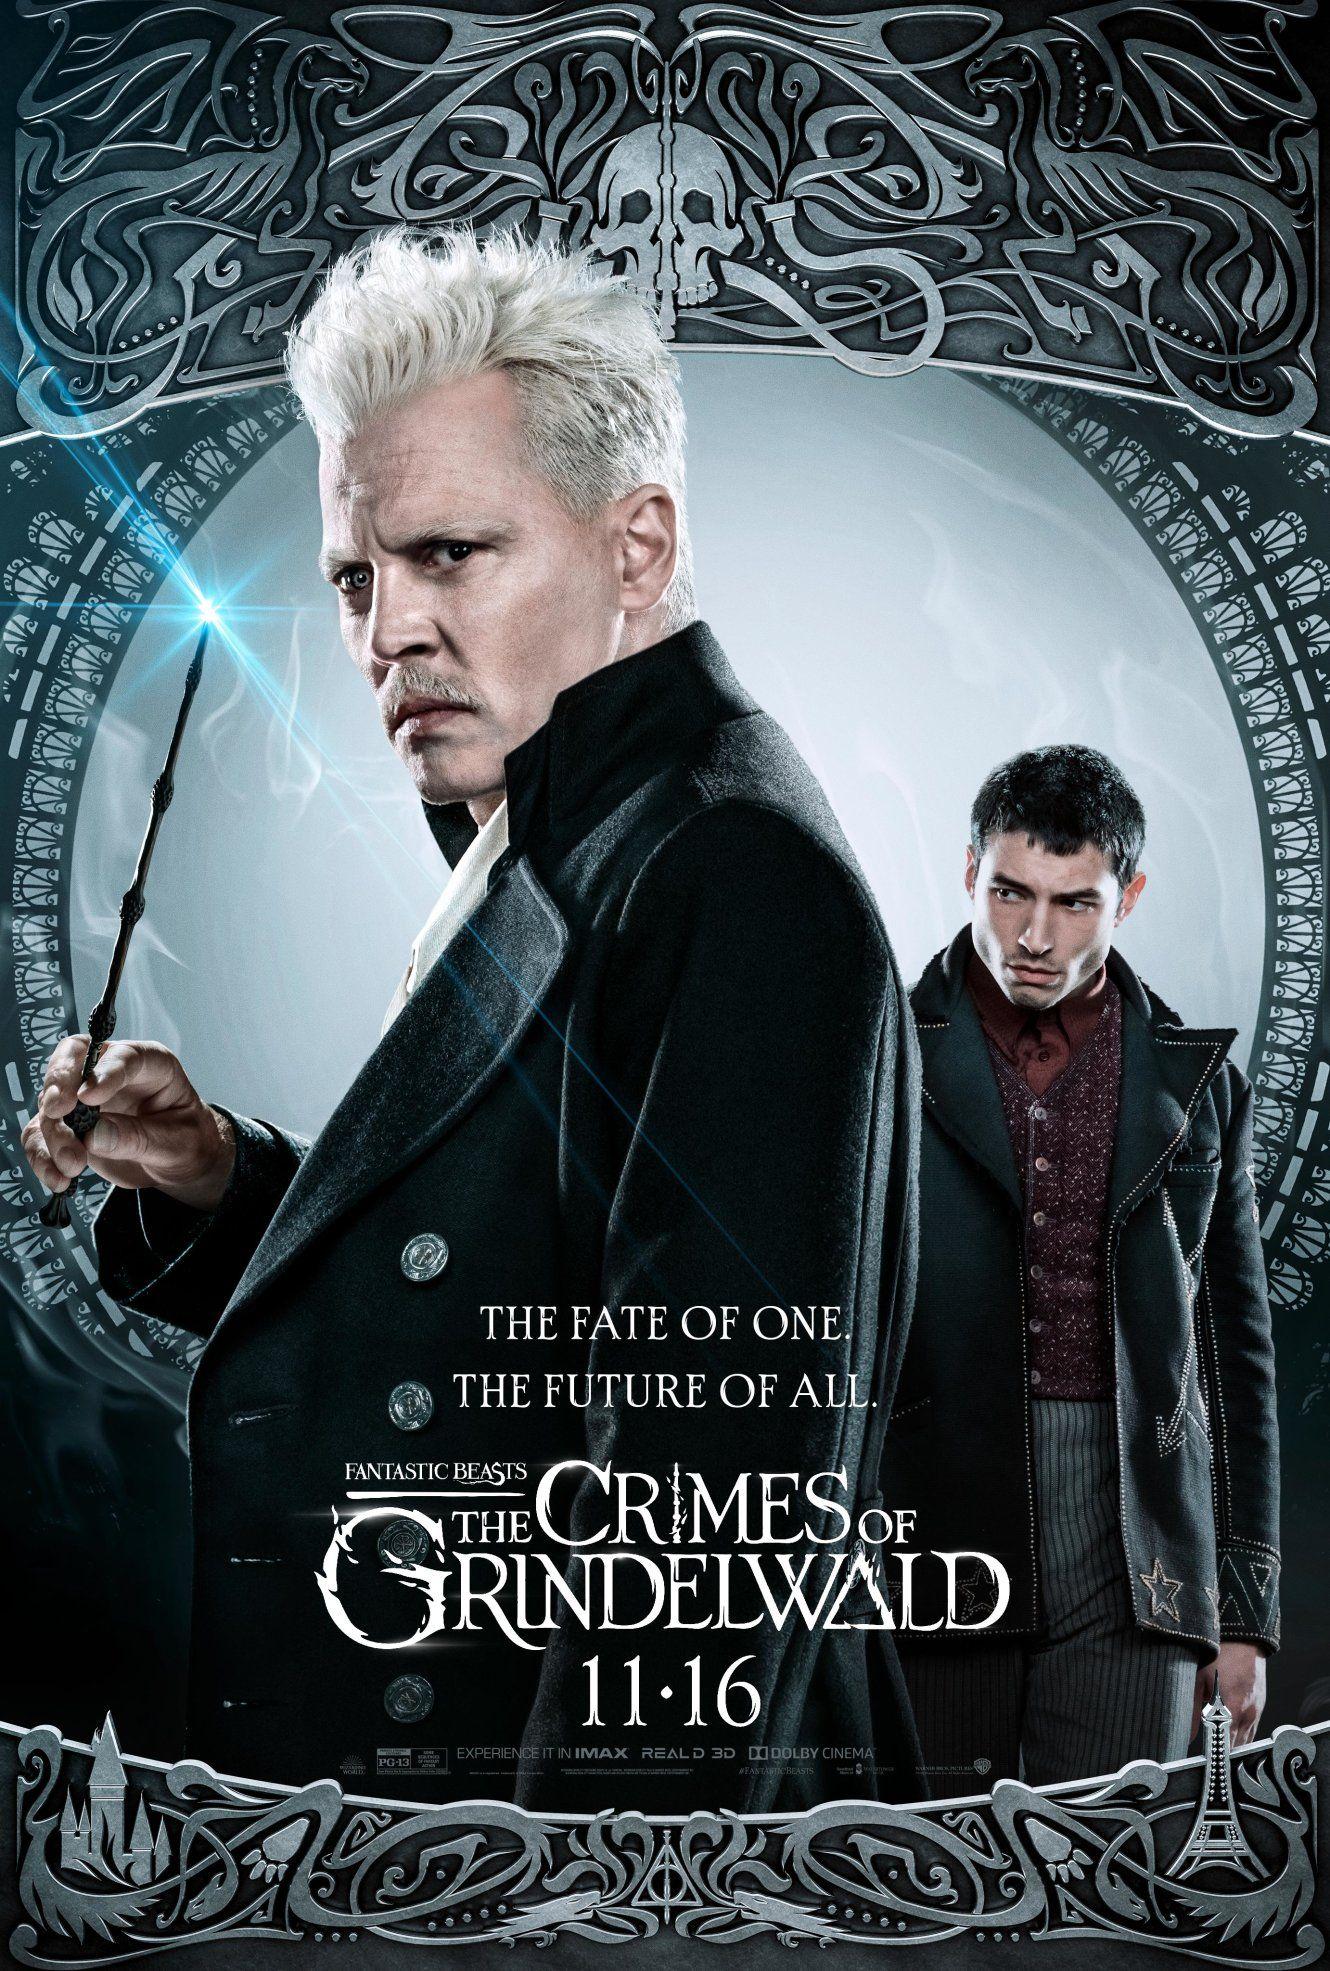 Les Crimes De Grindelwald Acteurs : crimes, grindelwald, acteurs, Future, Bestas, Fantásticas,, Filmes,, Cartazes, Filmes